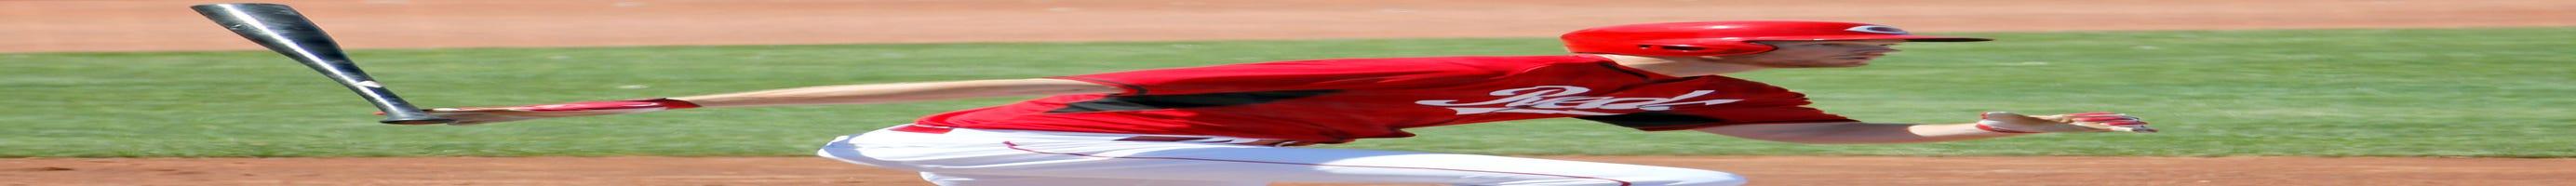 Todd Frazier, Brennan Boesch lead Reds past Cubs, 9-5